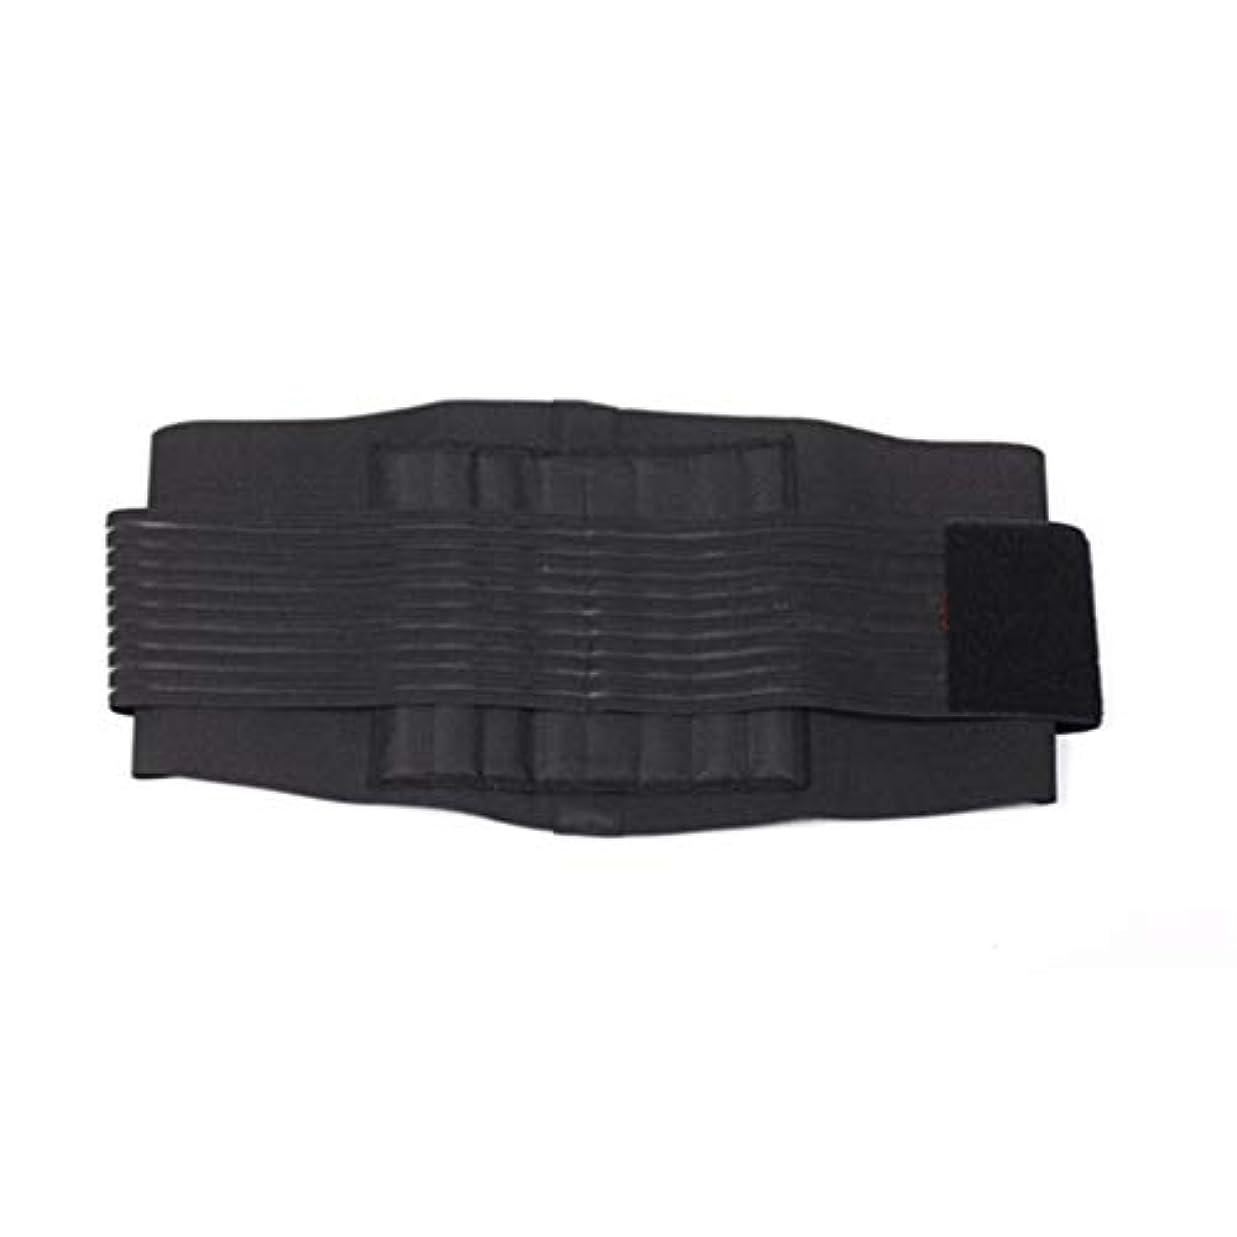 打撃バックアップ定説補正ベルトスチールウエストサポートブレース弾性腹部保護-Rustle666